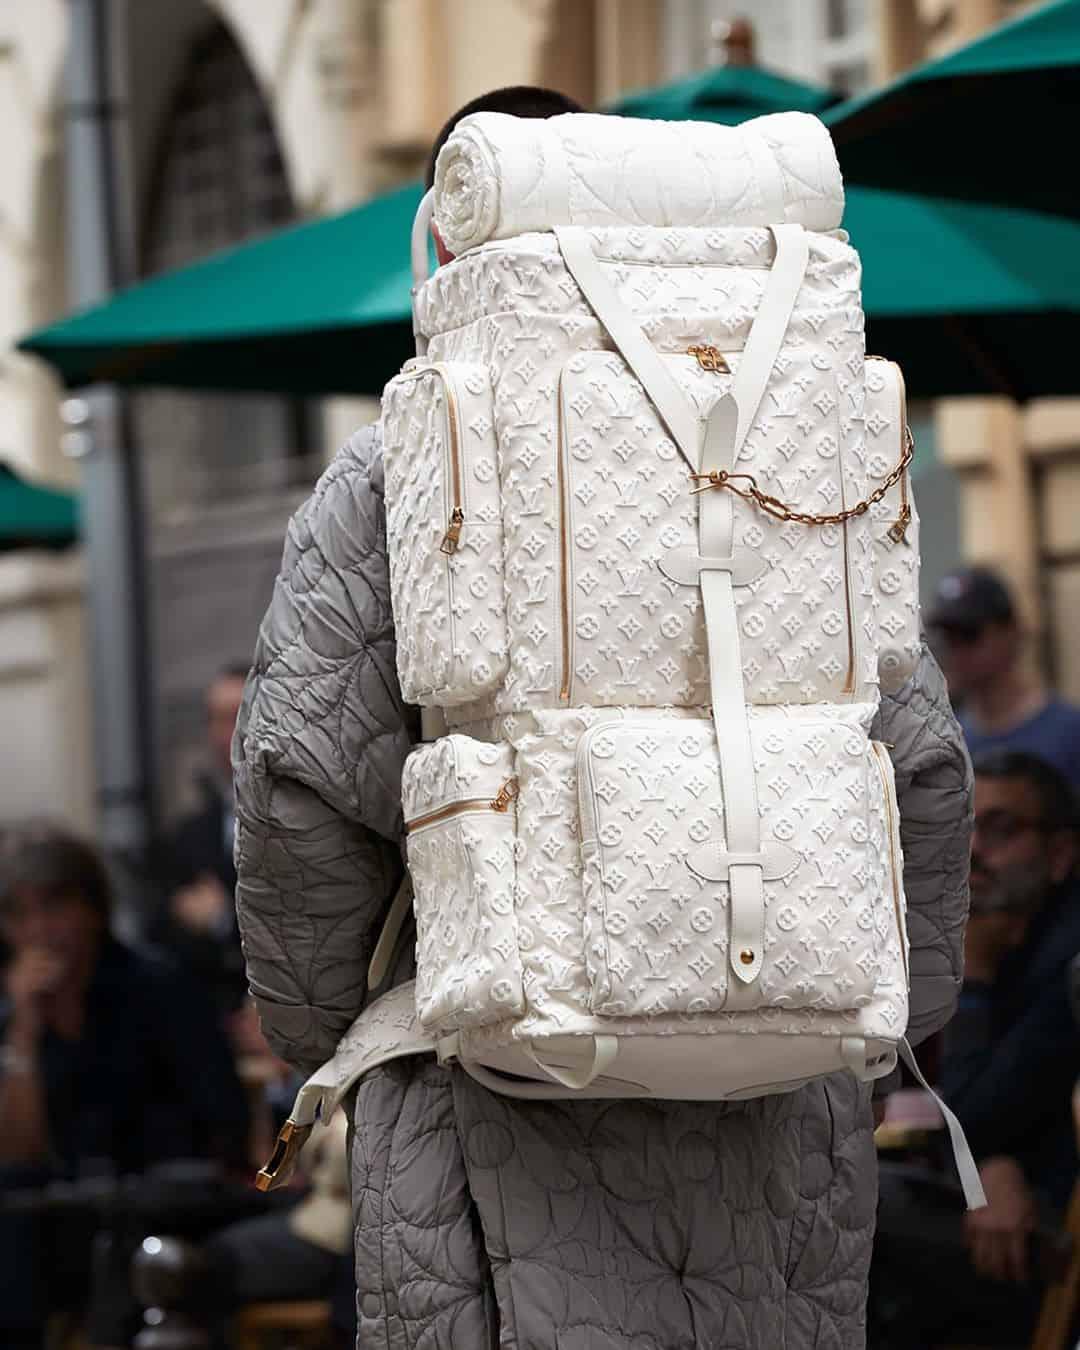 Trekking backpacks in tufted Monogram